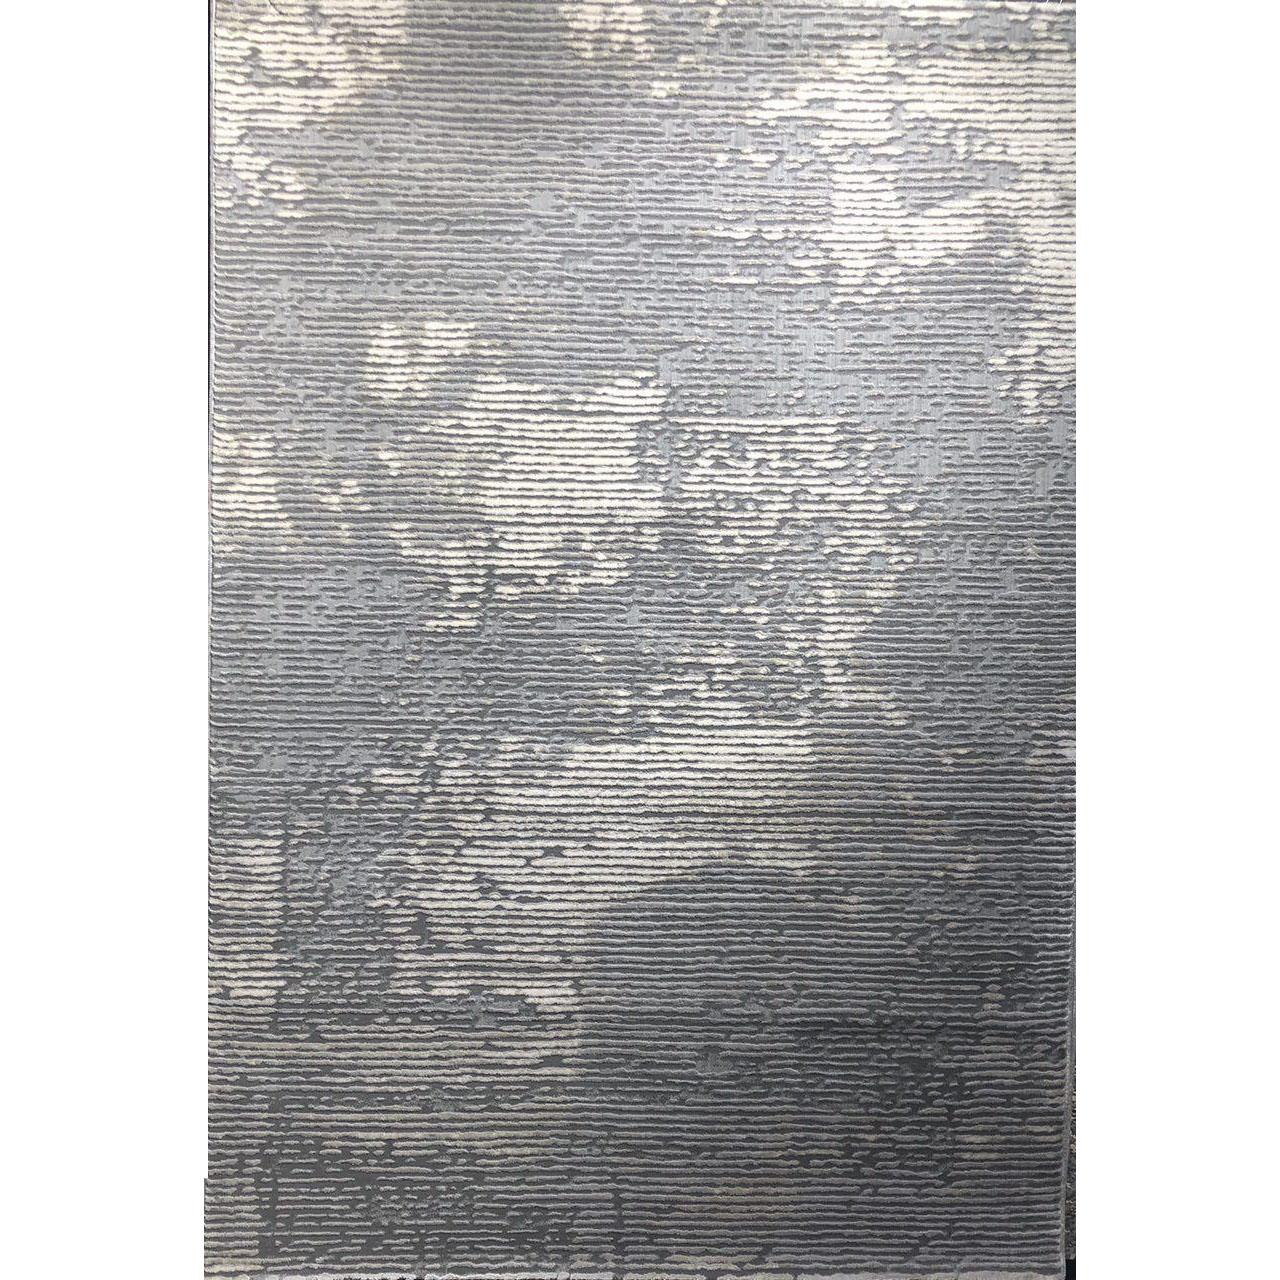 فرش ماشینی طرح پلاتینیوم کد 5003 زمینه طوسی